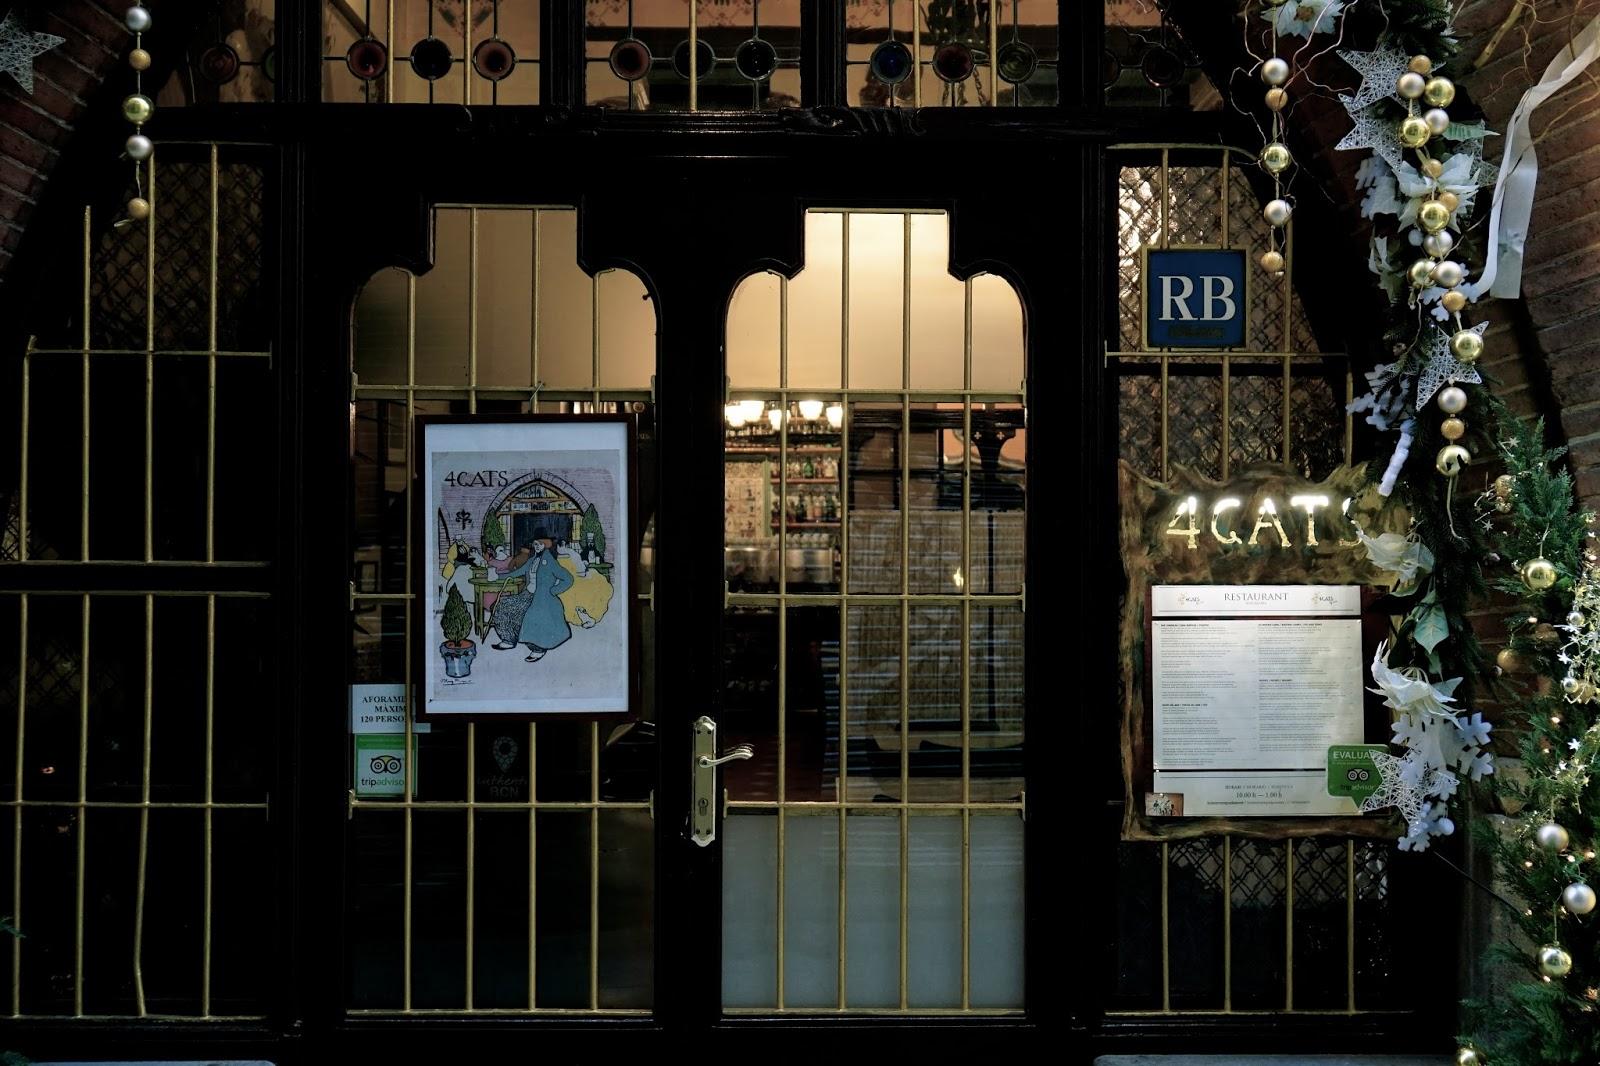 クアトロ・ガッツ(Els Quatre Gats)=カサ・マルティ(Casa Martí)